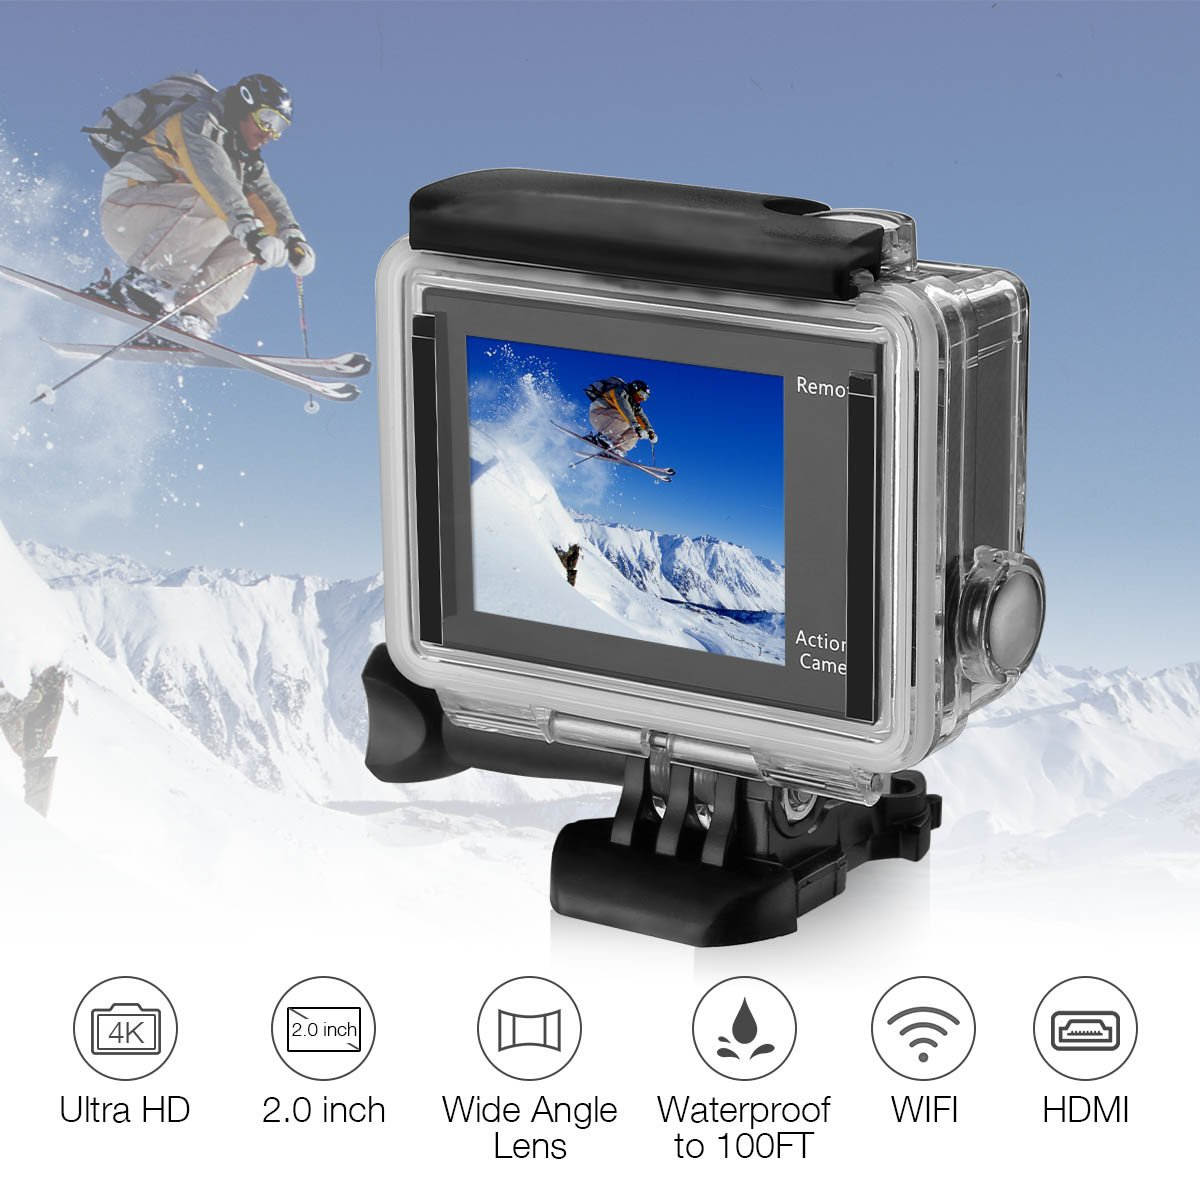 Powerextra EK7000 Cámara de Acción 4K Wifi, Con Carcasa Sumergible, 1080P, 12MP, Lente Gran Angular 170º,Doble pantalla LCD 2.4G con Control Remoto -26 Kit de Accesorios Inlcuido, Color Negro